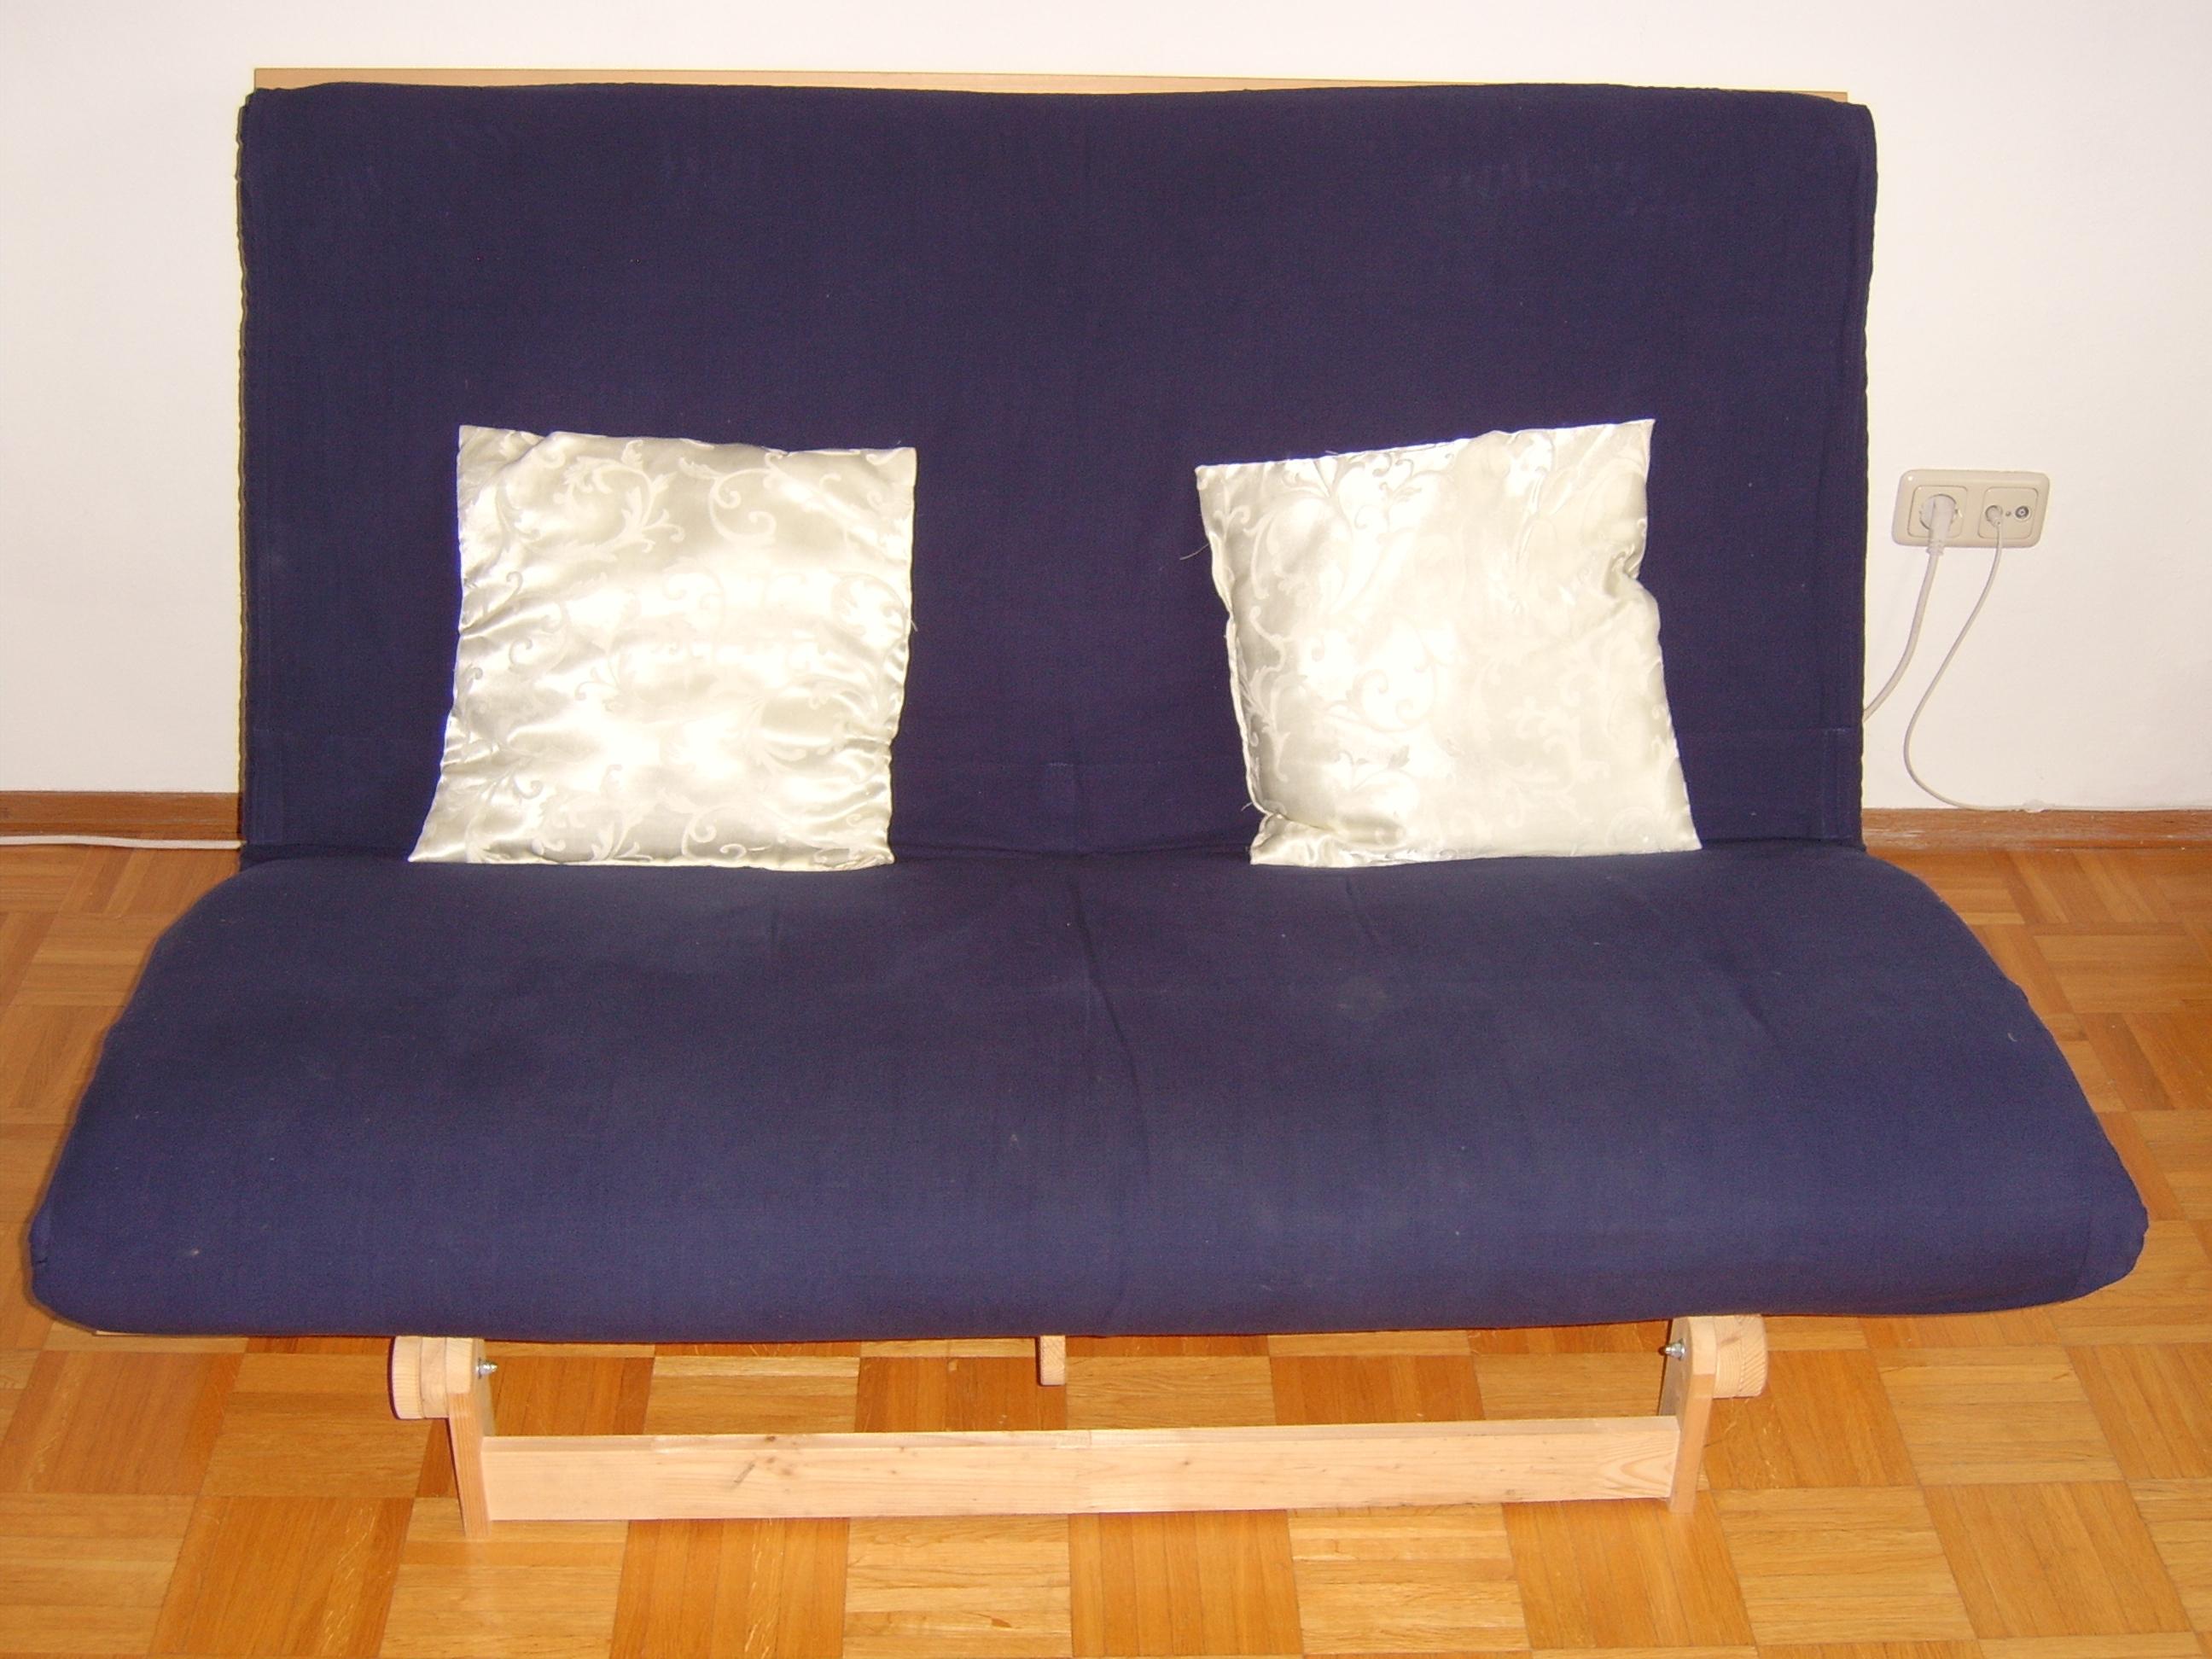 Kleinanzeigen polster sessel couch seite 1 for Bettsofa 140